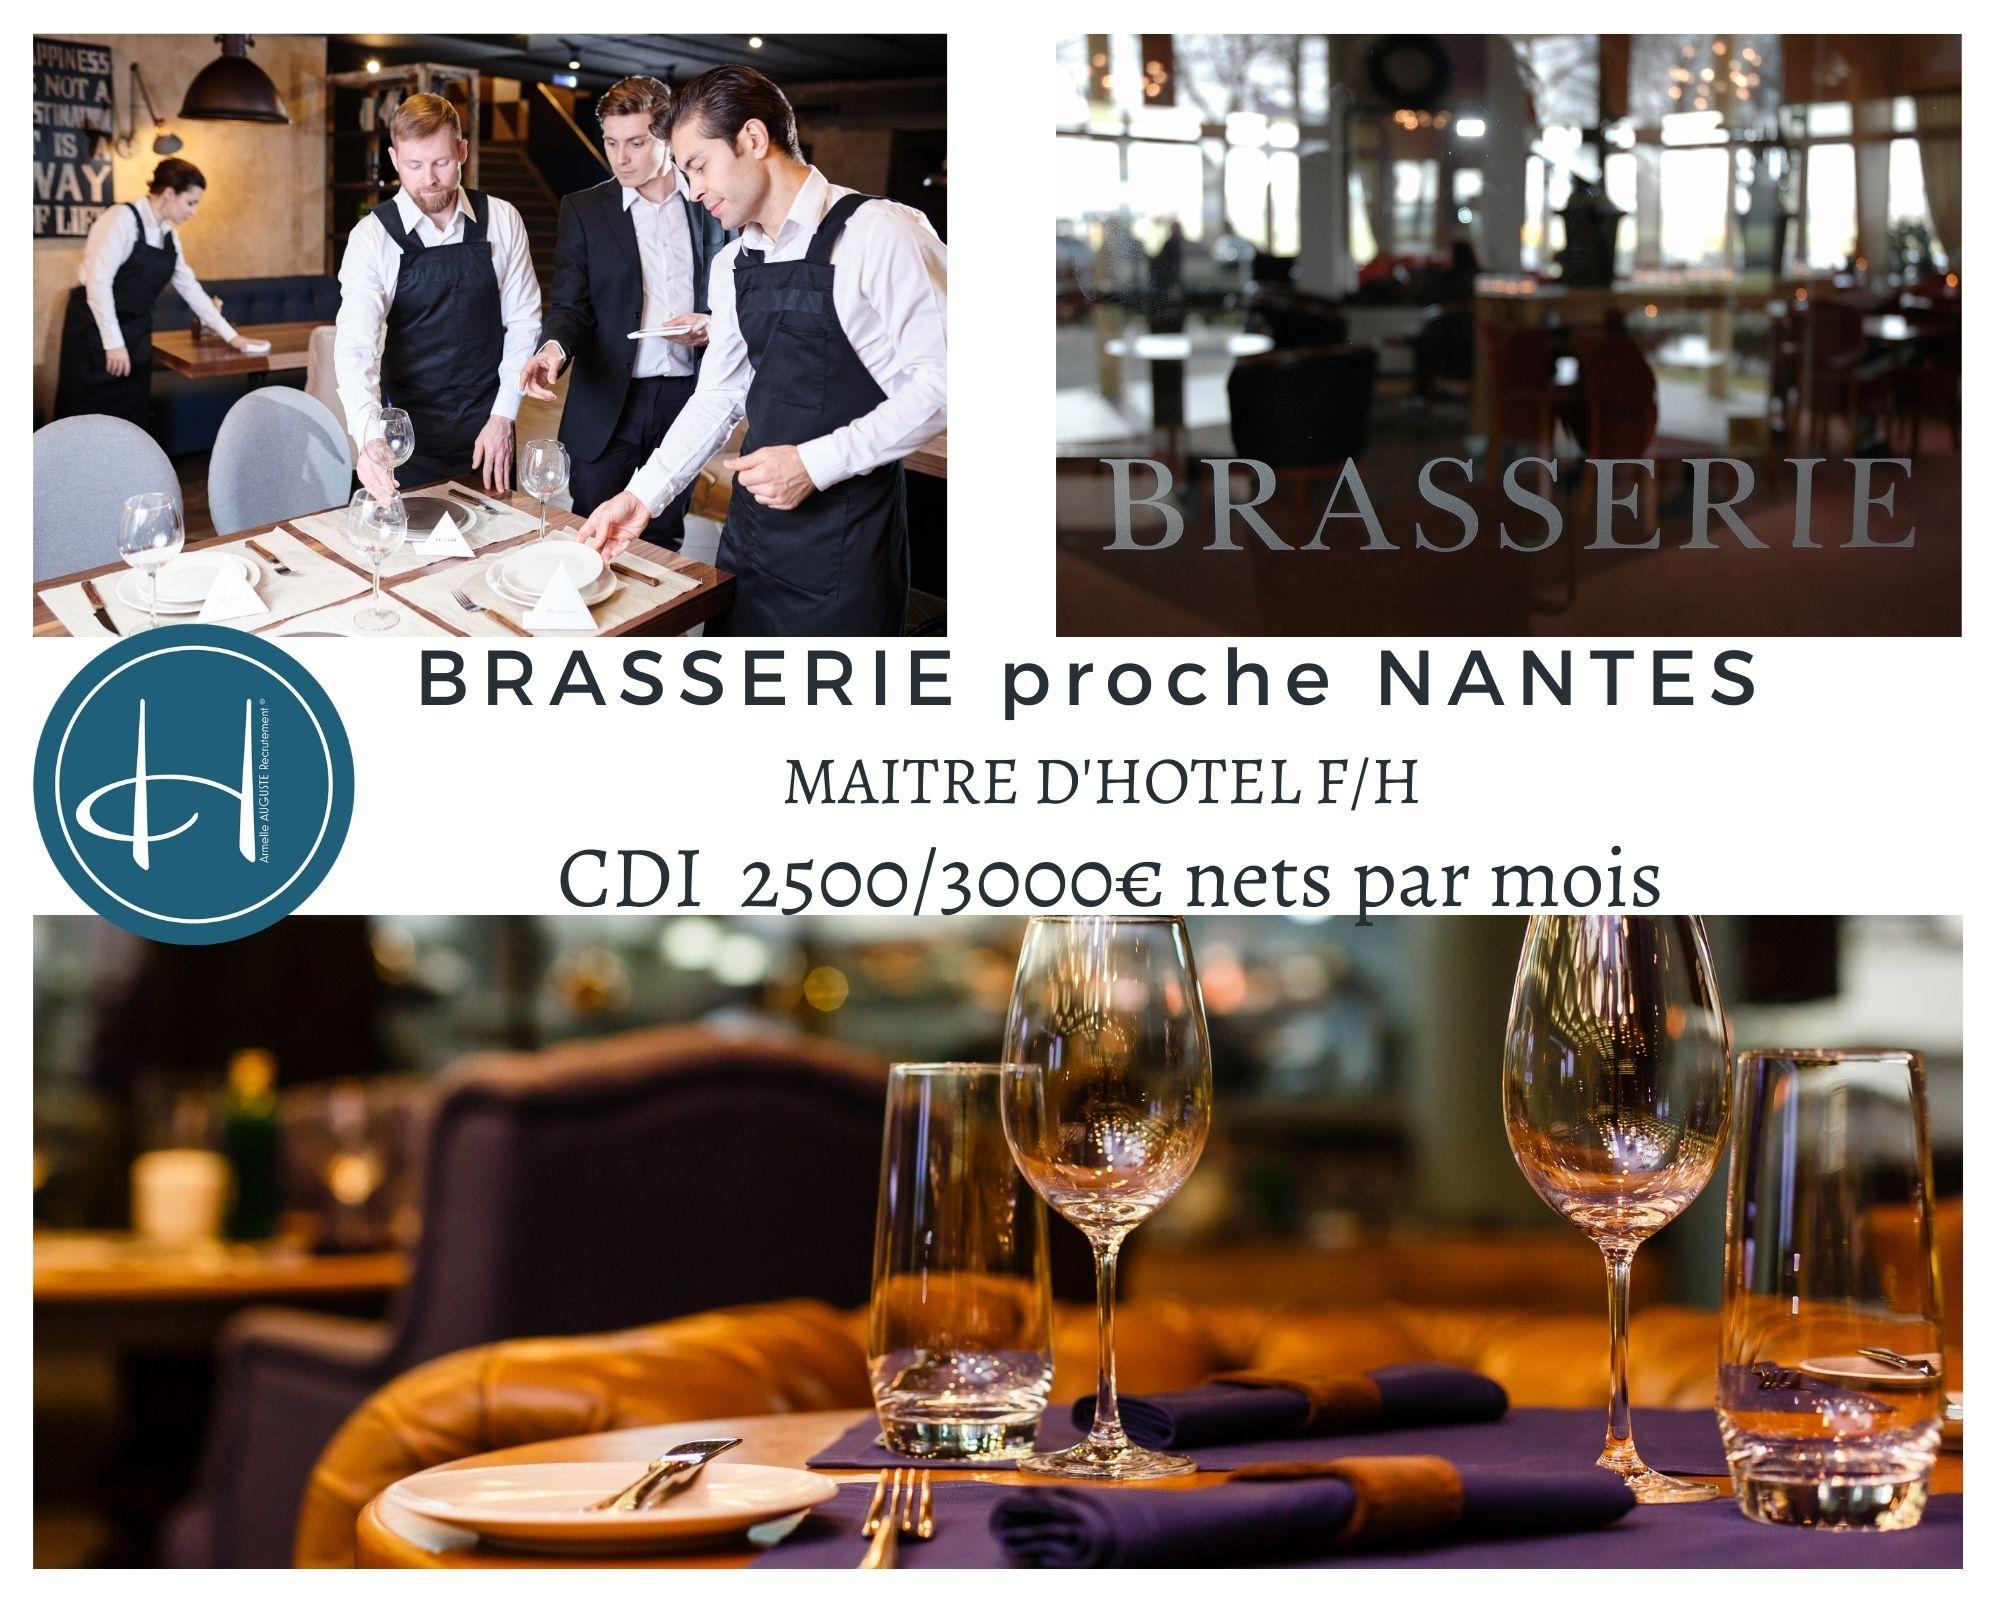 Recrutement: Maître d'hôtel - Brasserie haut de gamme F/H chez Armelle AUGUSTE Recrutement® à Nantes